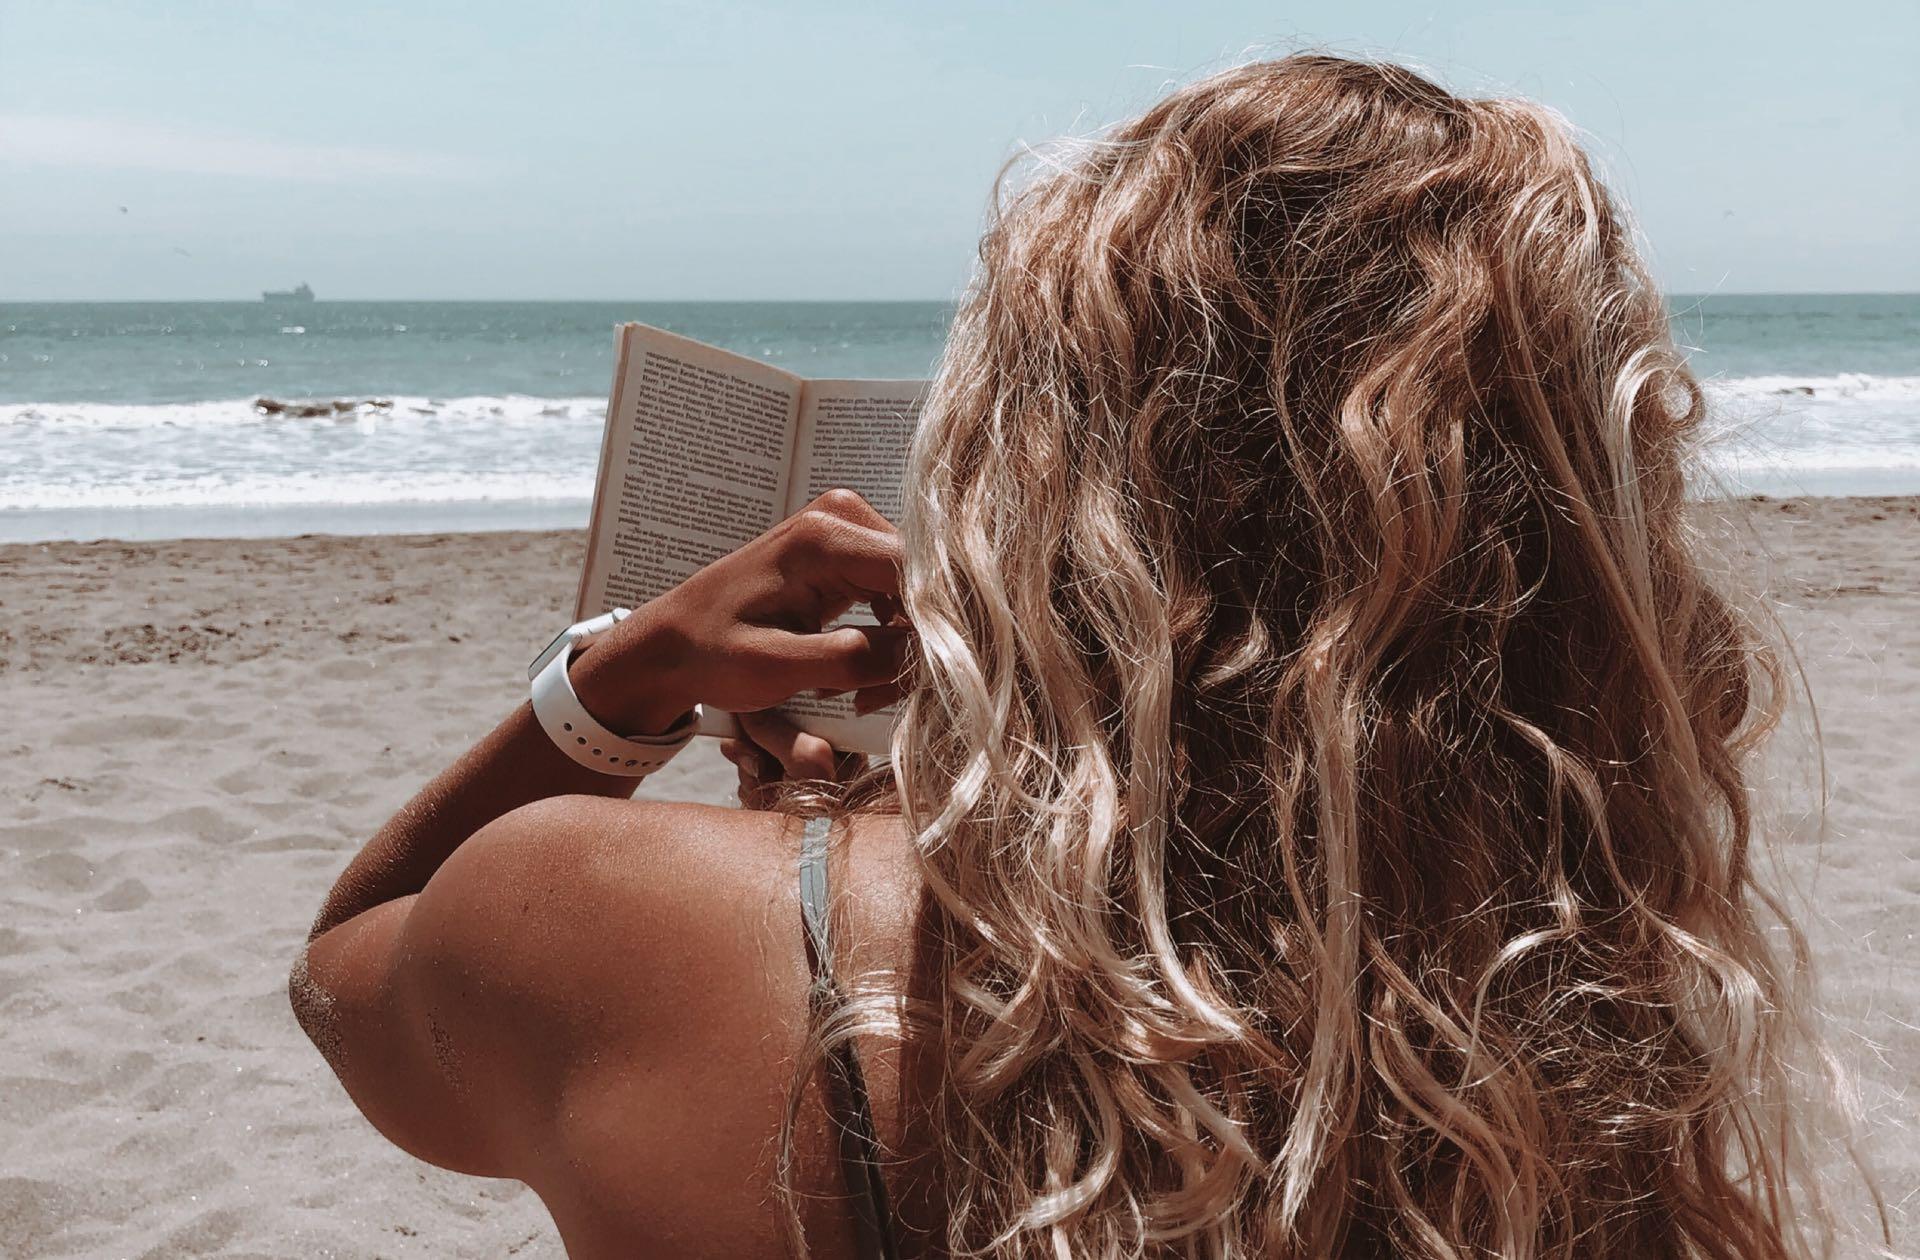 5 livres féministes à glisser dans sa valise cet été